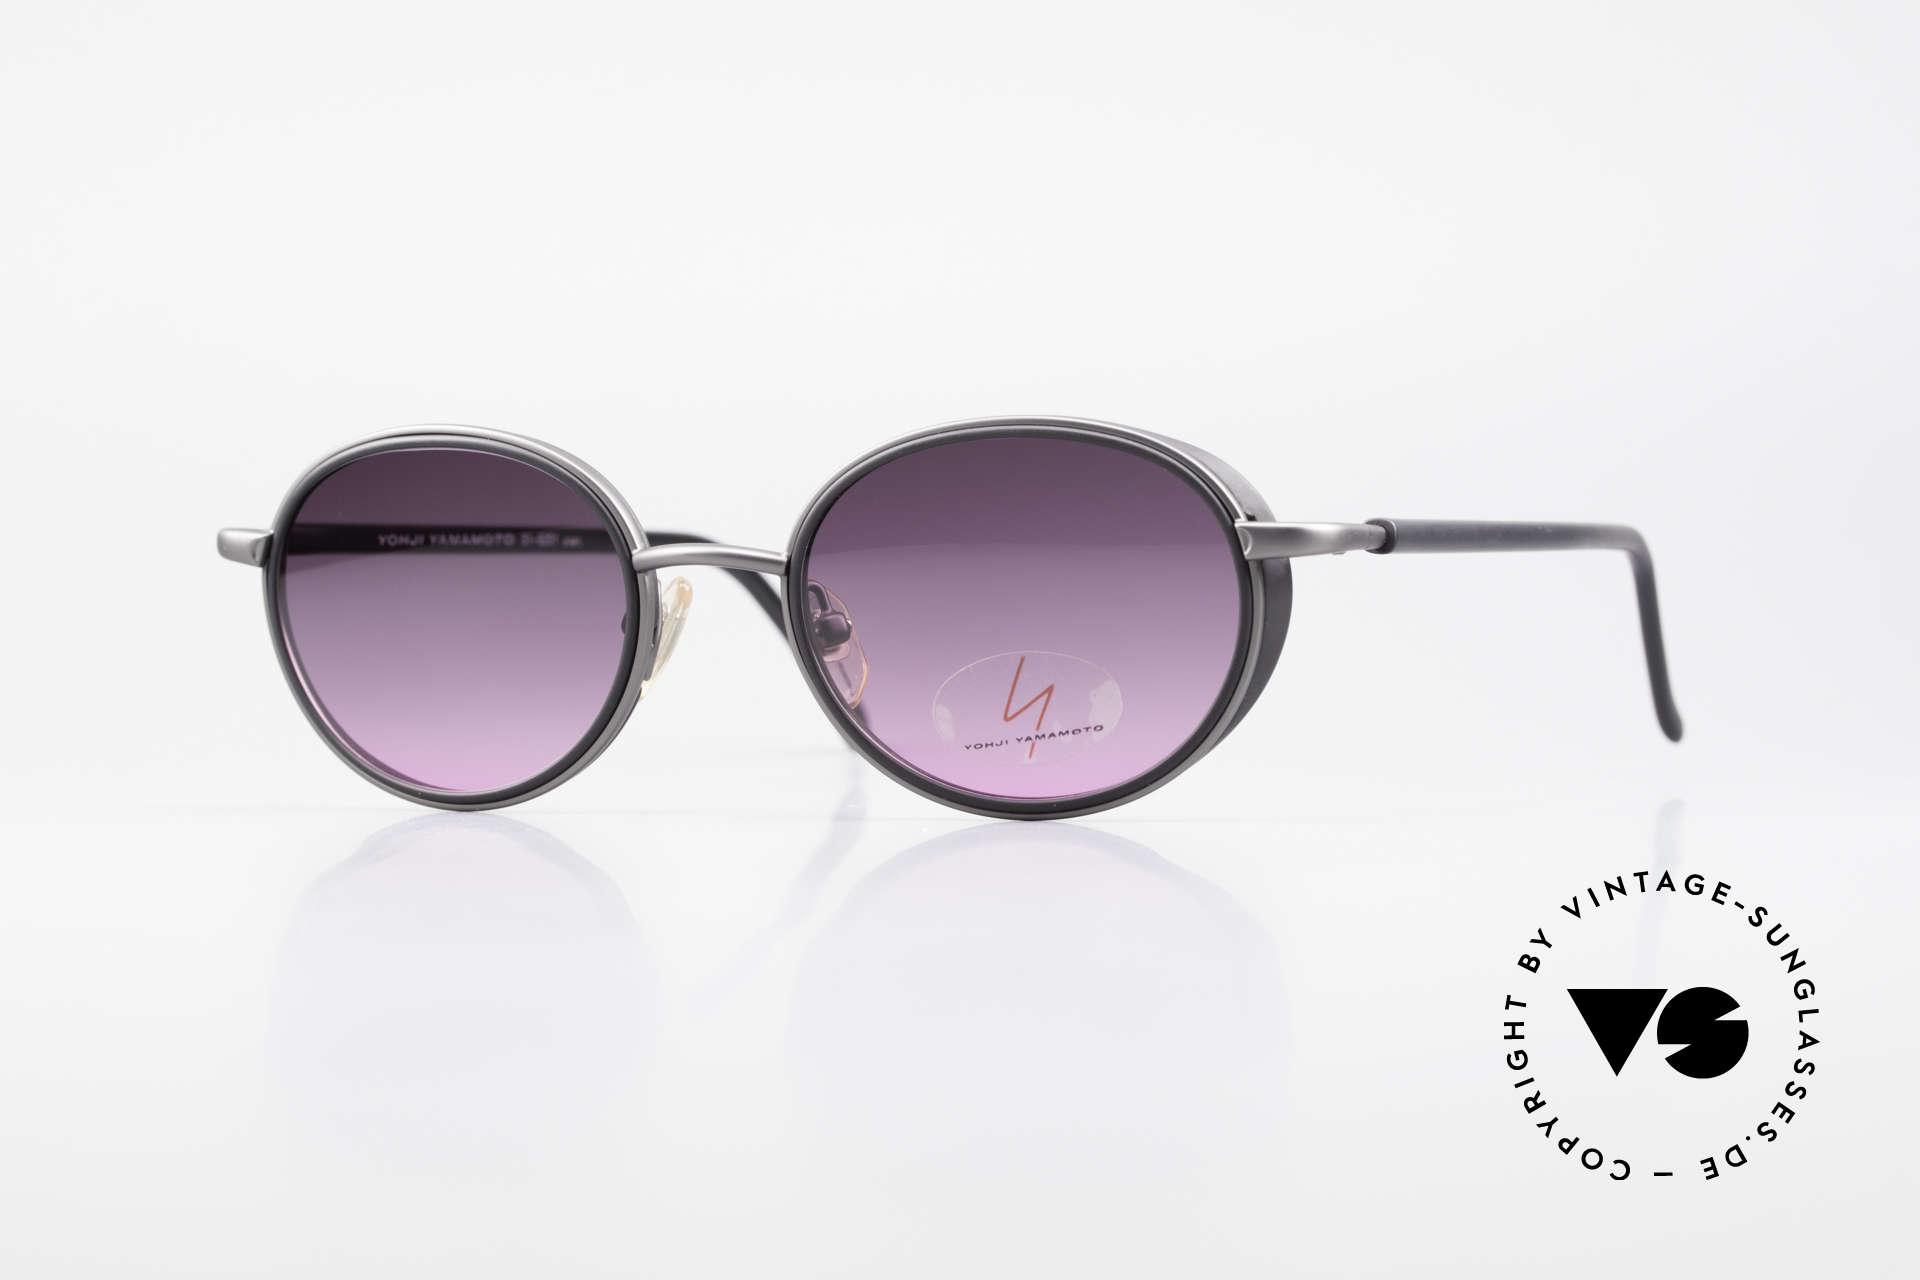 Yohji Yamamoto 51-6201 Seitenblenden Sonnenbrille, außergewöhnliche vintage Y. Yamamoto Sonnenbrille, Passend für Damen